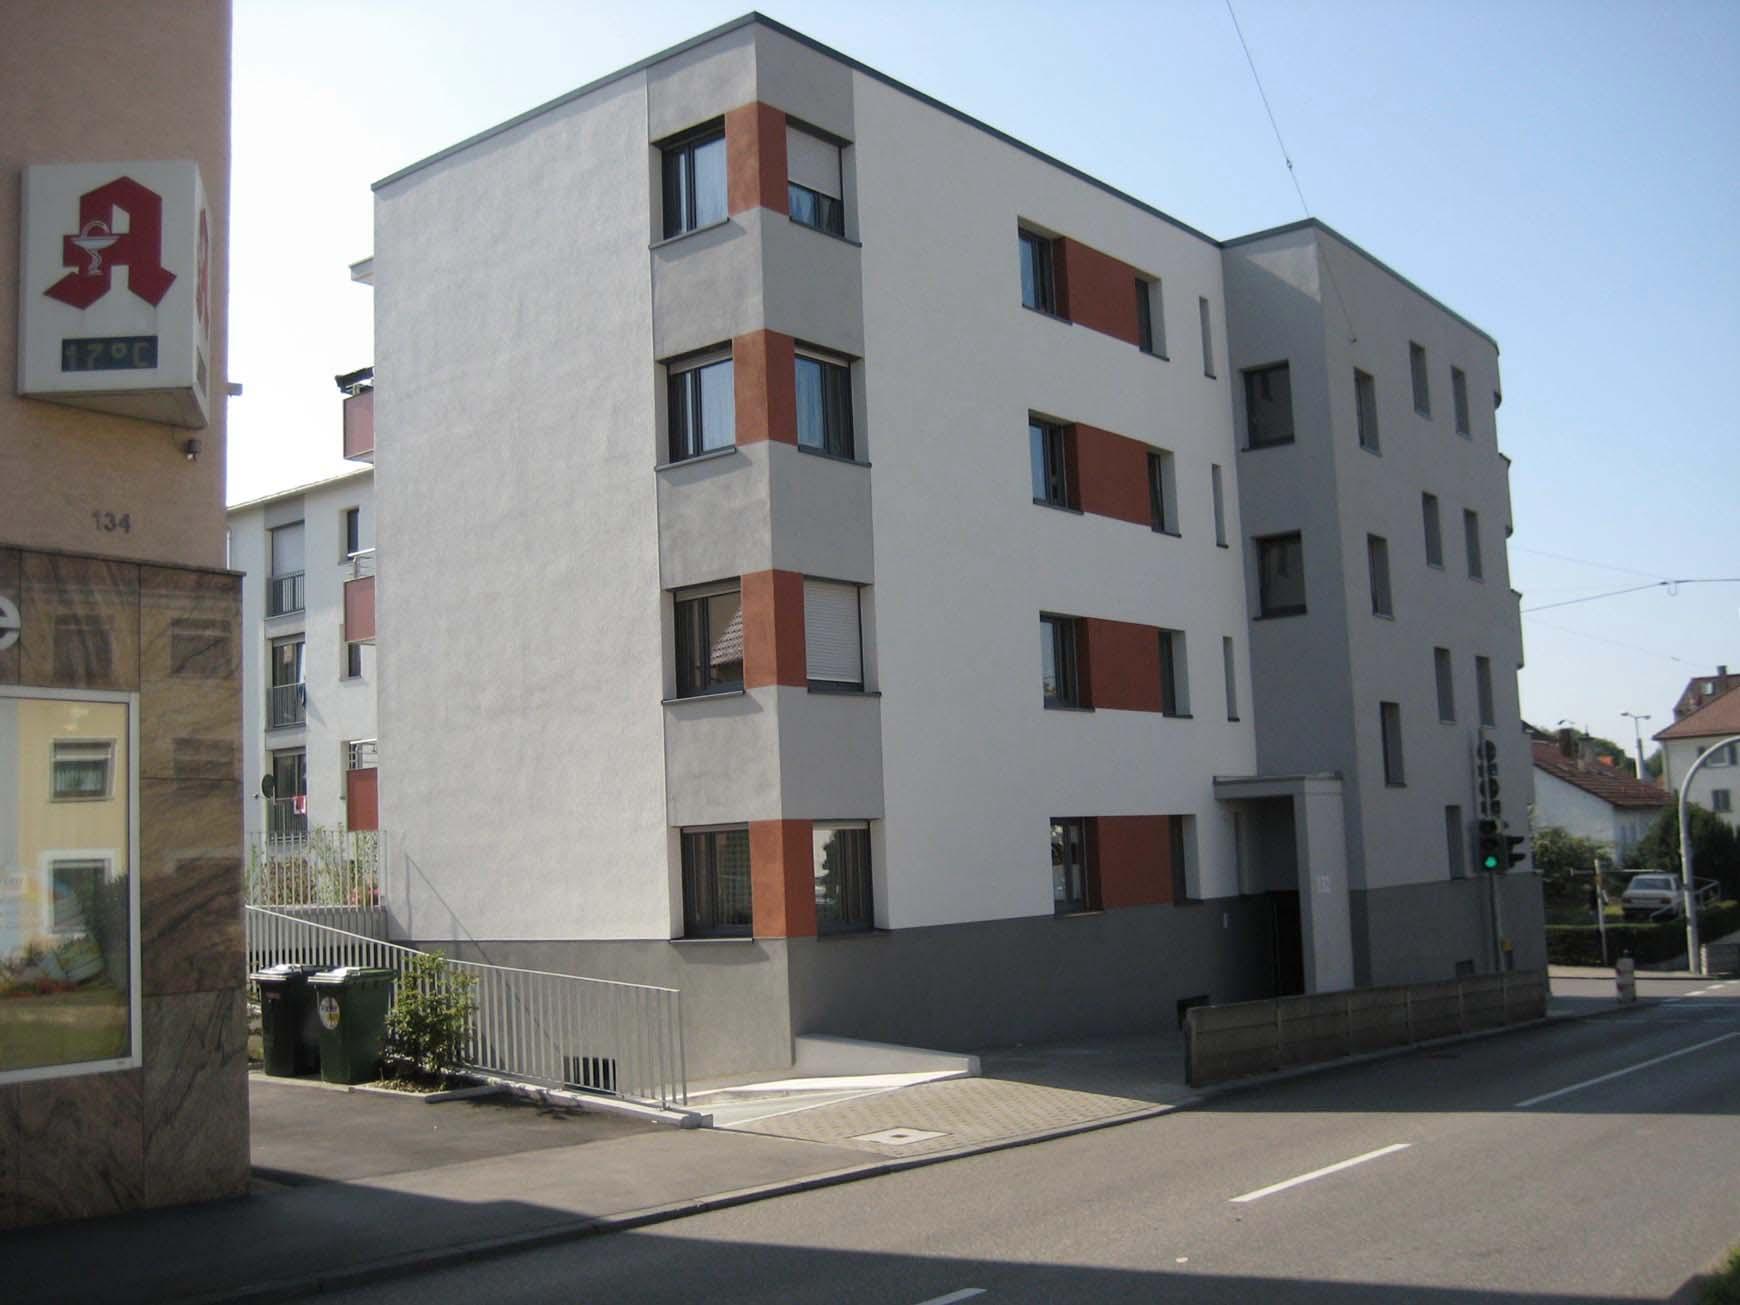 Blick von der Schmidener Straße